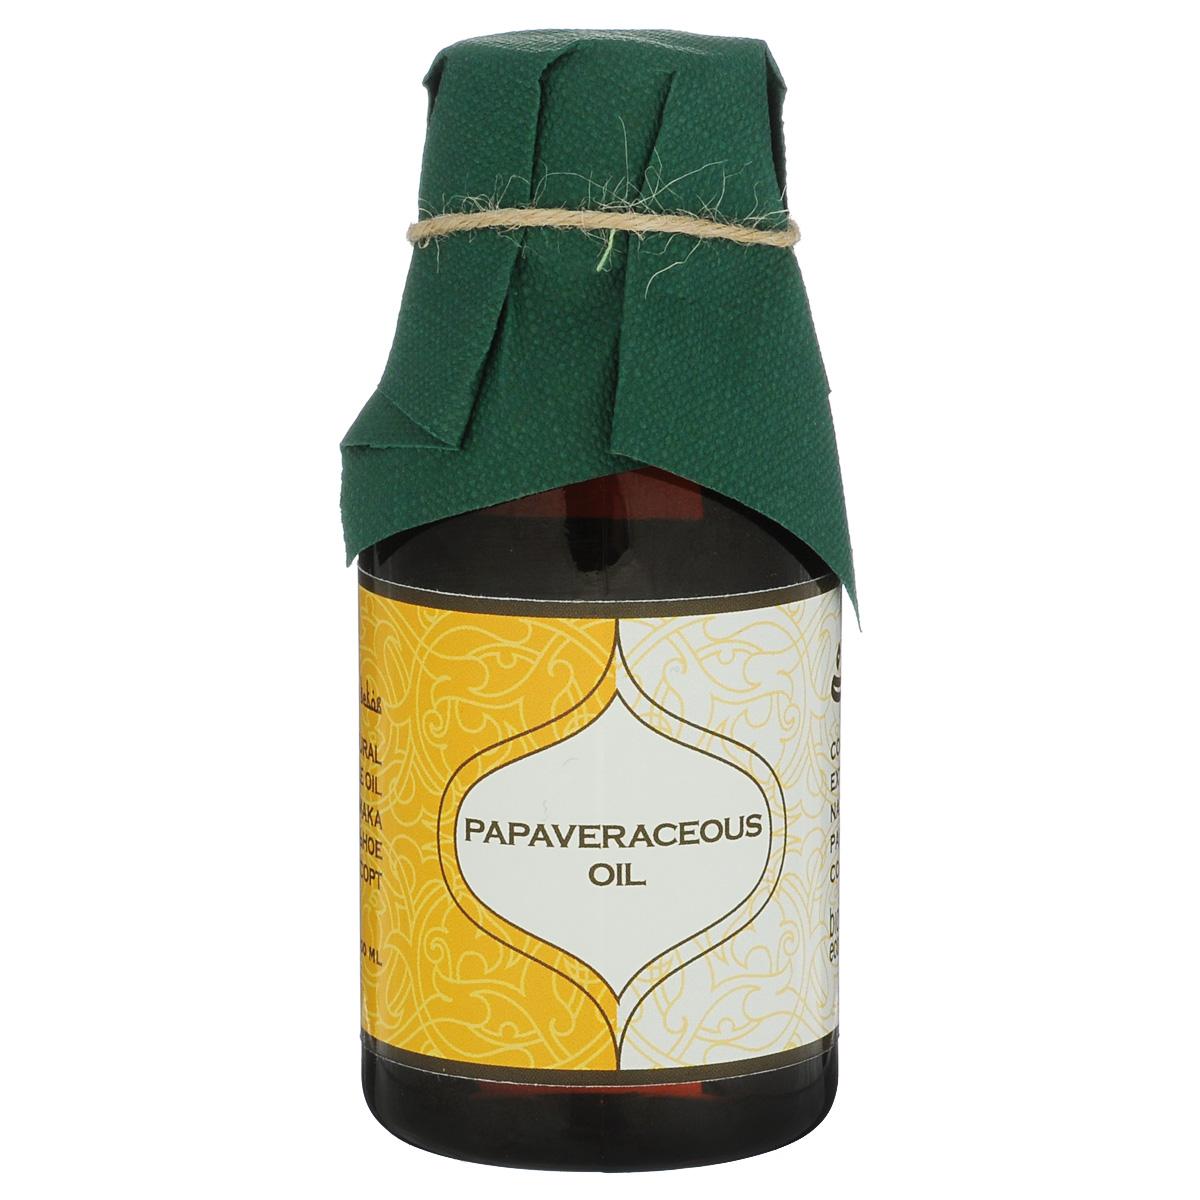 Зейтун Масло Маковое семя, 100 мл72523WDМаковое масло Зейтун — 100% натуральное. Смело можно назвать его «универсальным маслом». Маковое масло хорошо впитывается и равномерно распределяется, создает защитный барьер. Подходит для кожи вокруг глаз, чувствительной и детской кожи. Рекомендуется для утомленного кожного покрова, т.к. стимулирует и восстанавливает тонус. Вследствие применения макового масла кожа становится мягкой, насыщенной влагой и регенерируется намного быстрее. На волосы также оказывает положительное действие — приглаживает чешуйки, склеивает рассеченные кончики, увлажняет. Используя маковое масло для ухода за волосами, вы получите блестящие и легко расчесывающиеся волосы.